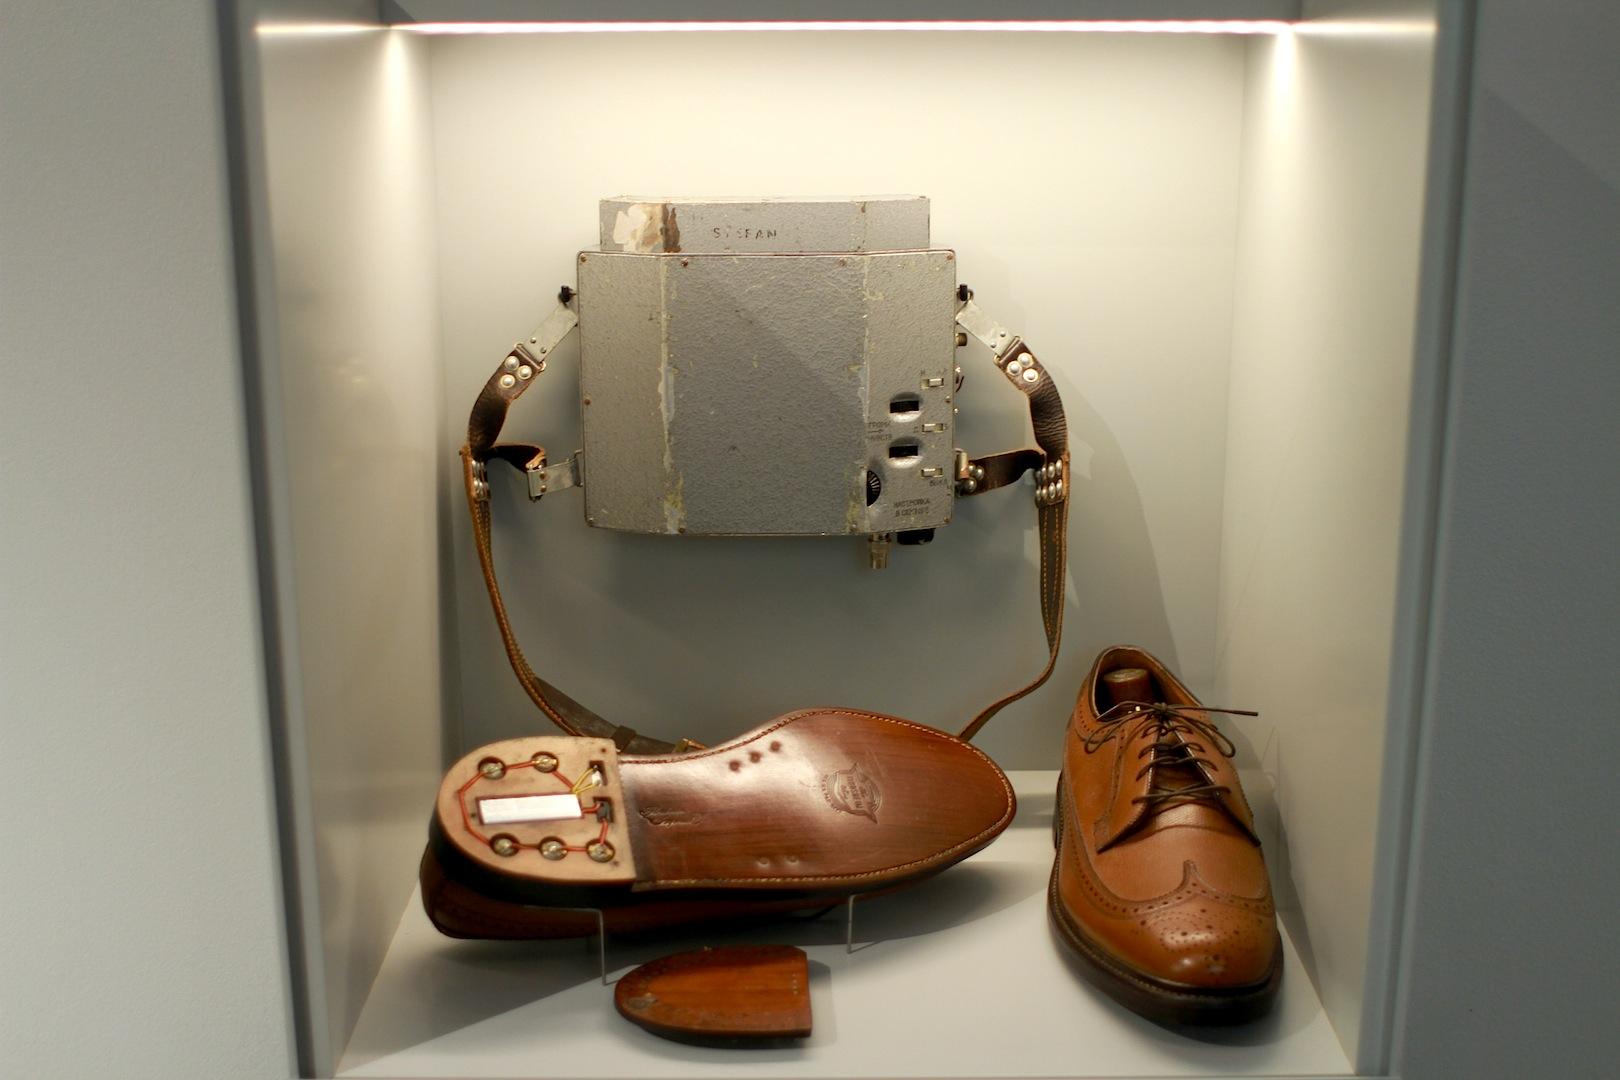 Wanzen-Treter. Schuhabsatz mit Wanze, (vermutlich) vom rumänischen Geheimdienst; späte 1960er-Jahre.